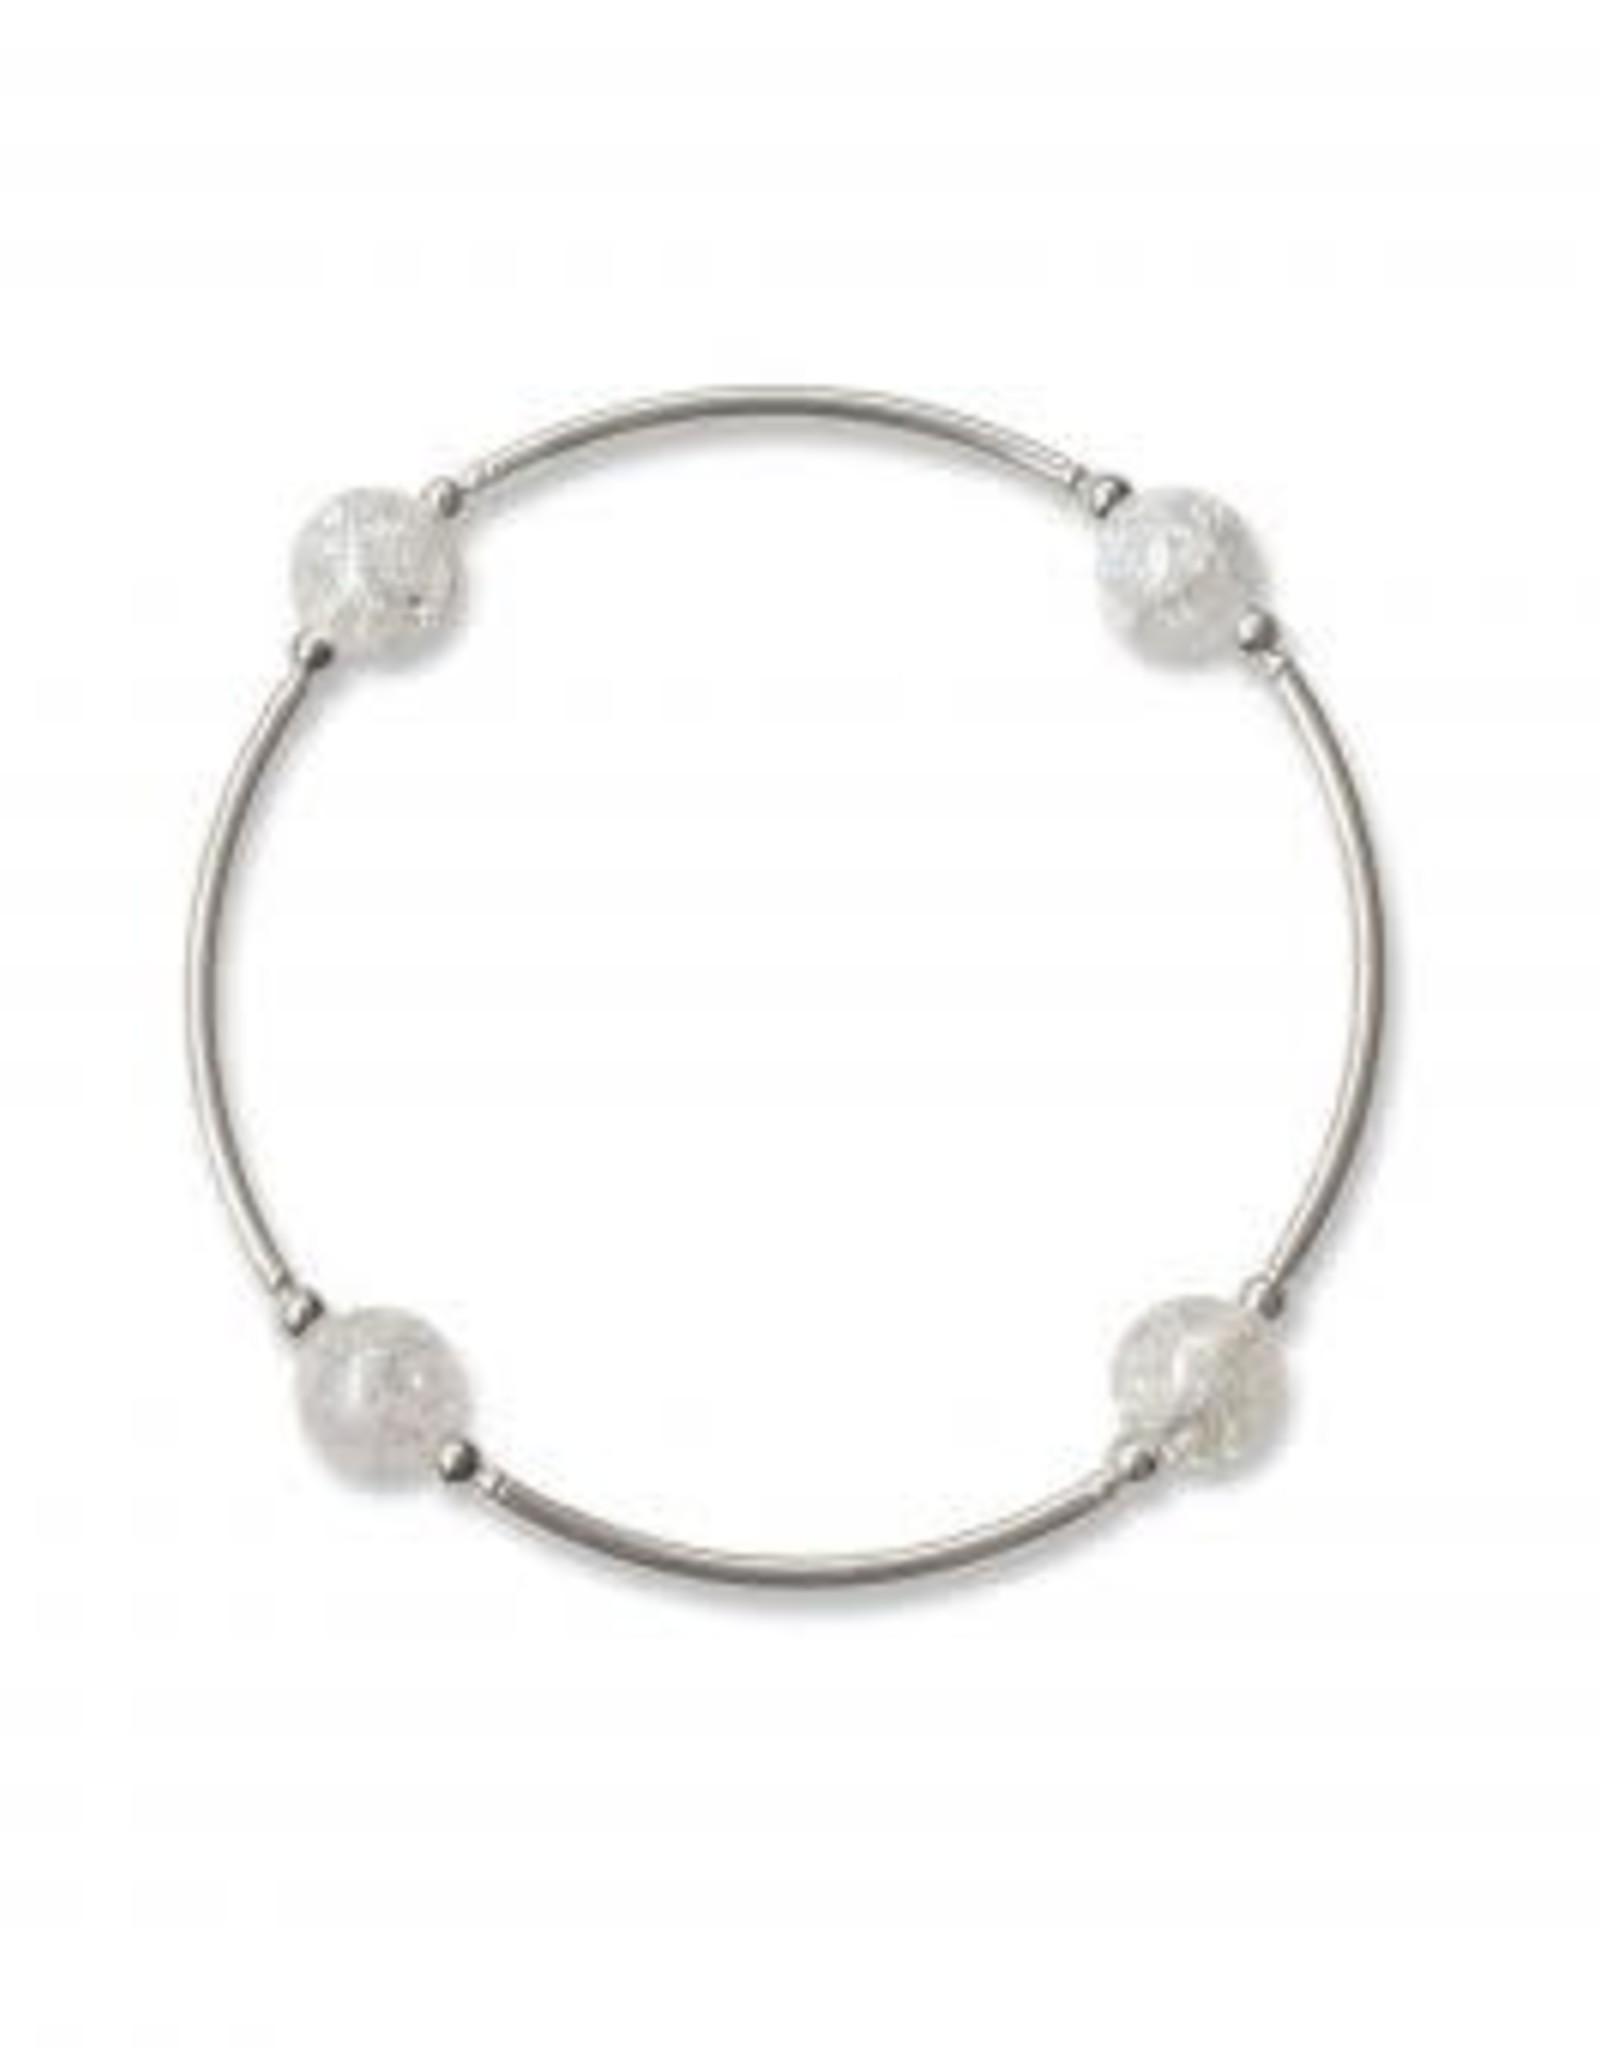 Made As Intended 8mm Snowflake Quartz Blessing Bracelet